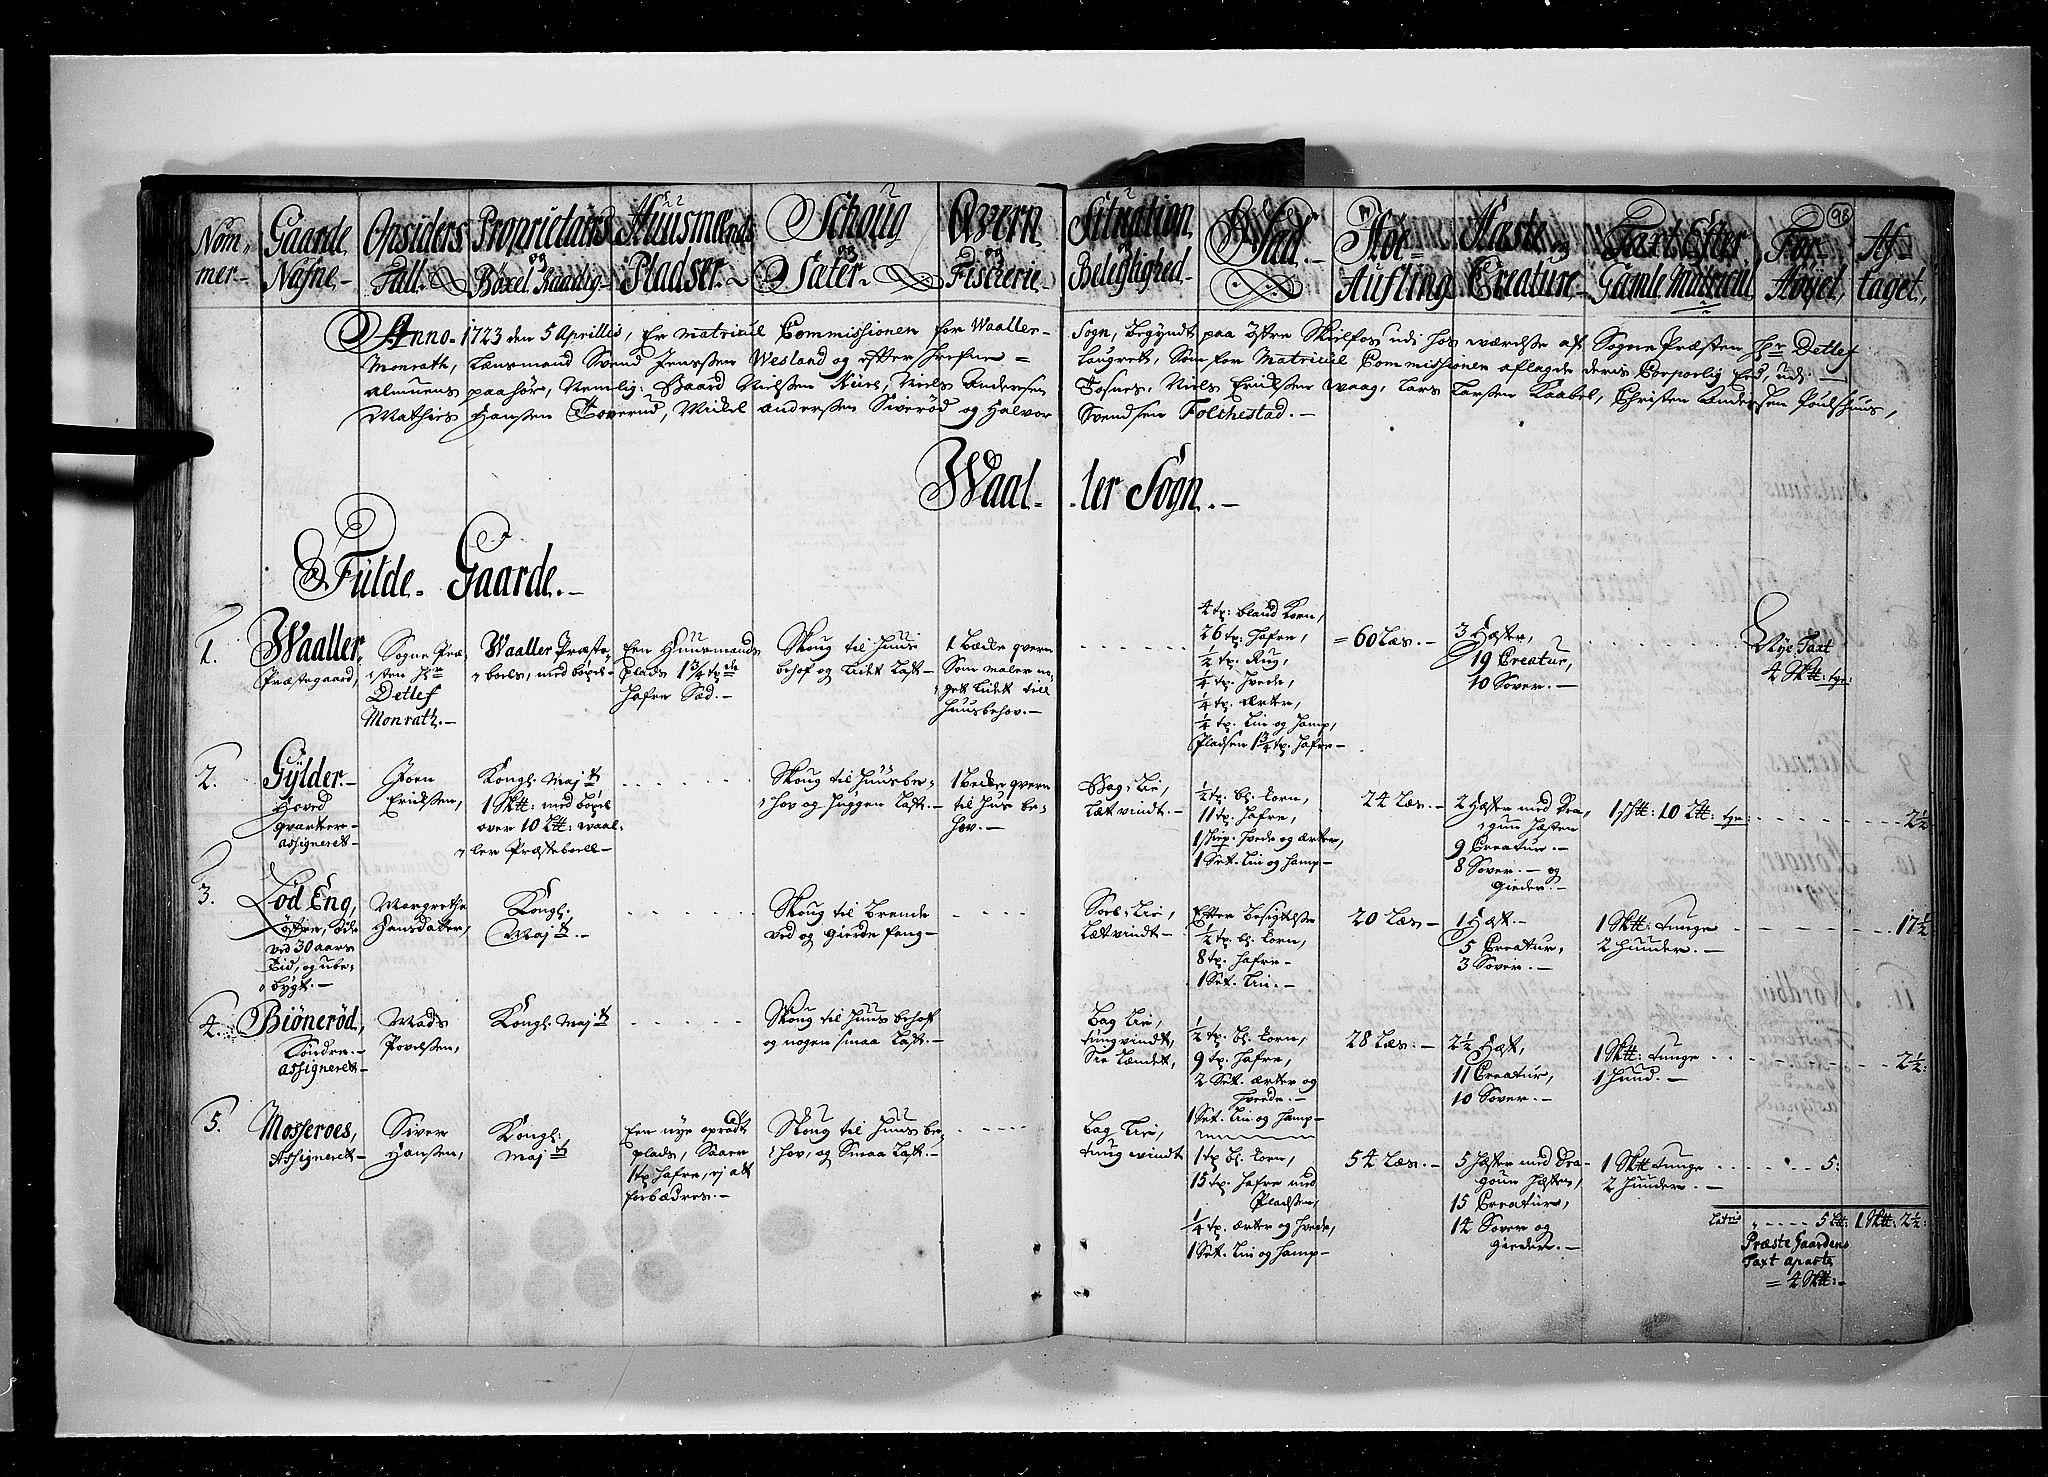 RA, Rentekammeret inntil 1814, Realistisk ordnet avdeling, N/Nb/Nbf/L0095: Moss, Onsøy, Tune og Veme eksaminasjonsprotokoll, 1723, s. 97b-98a